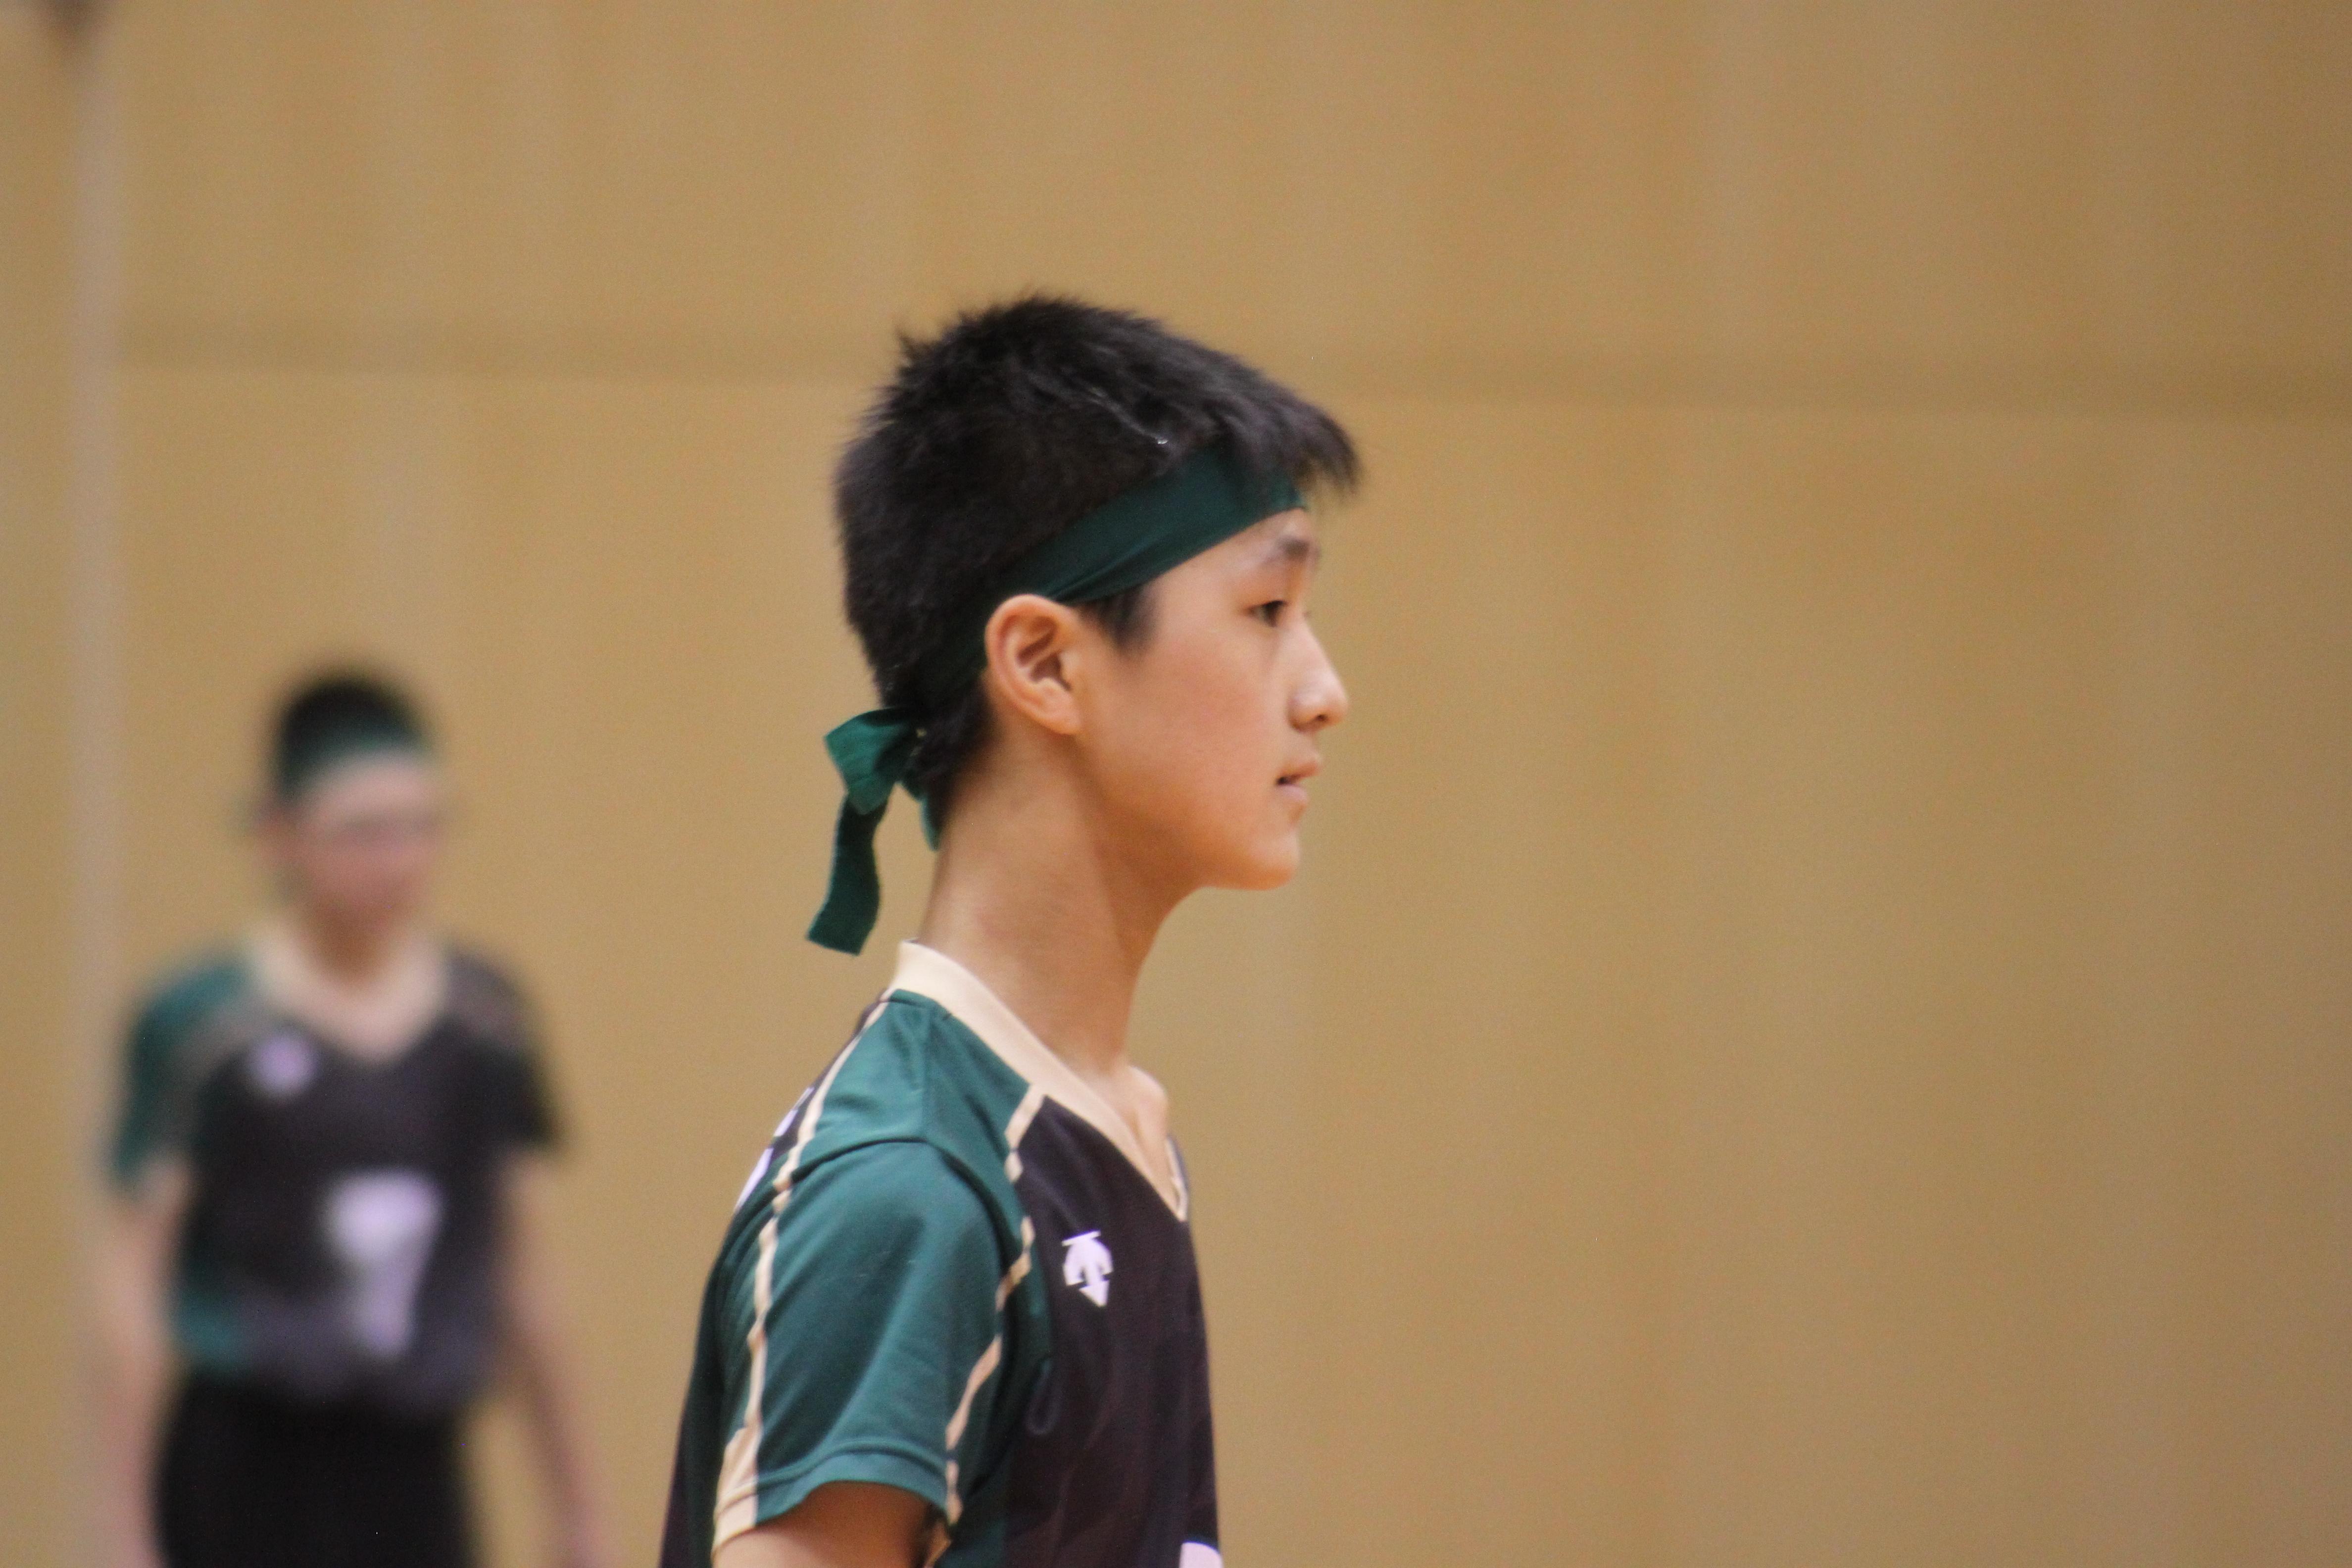 バレーボール (3)